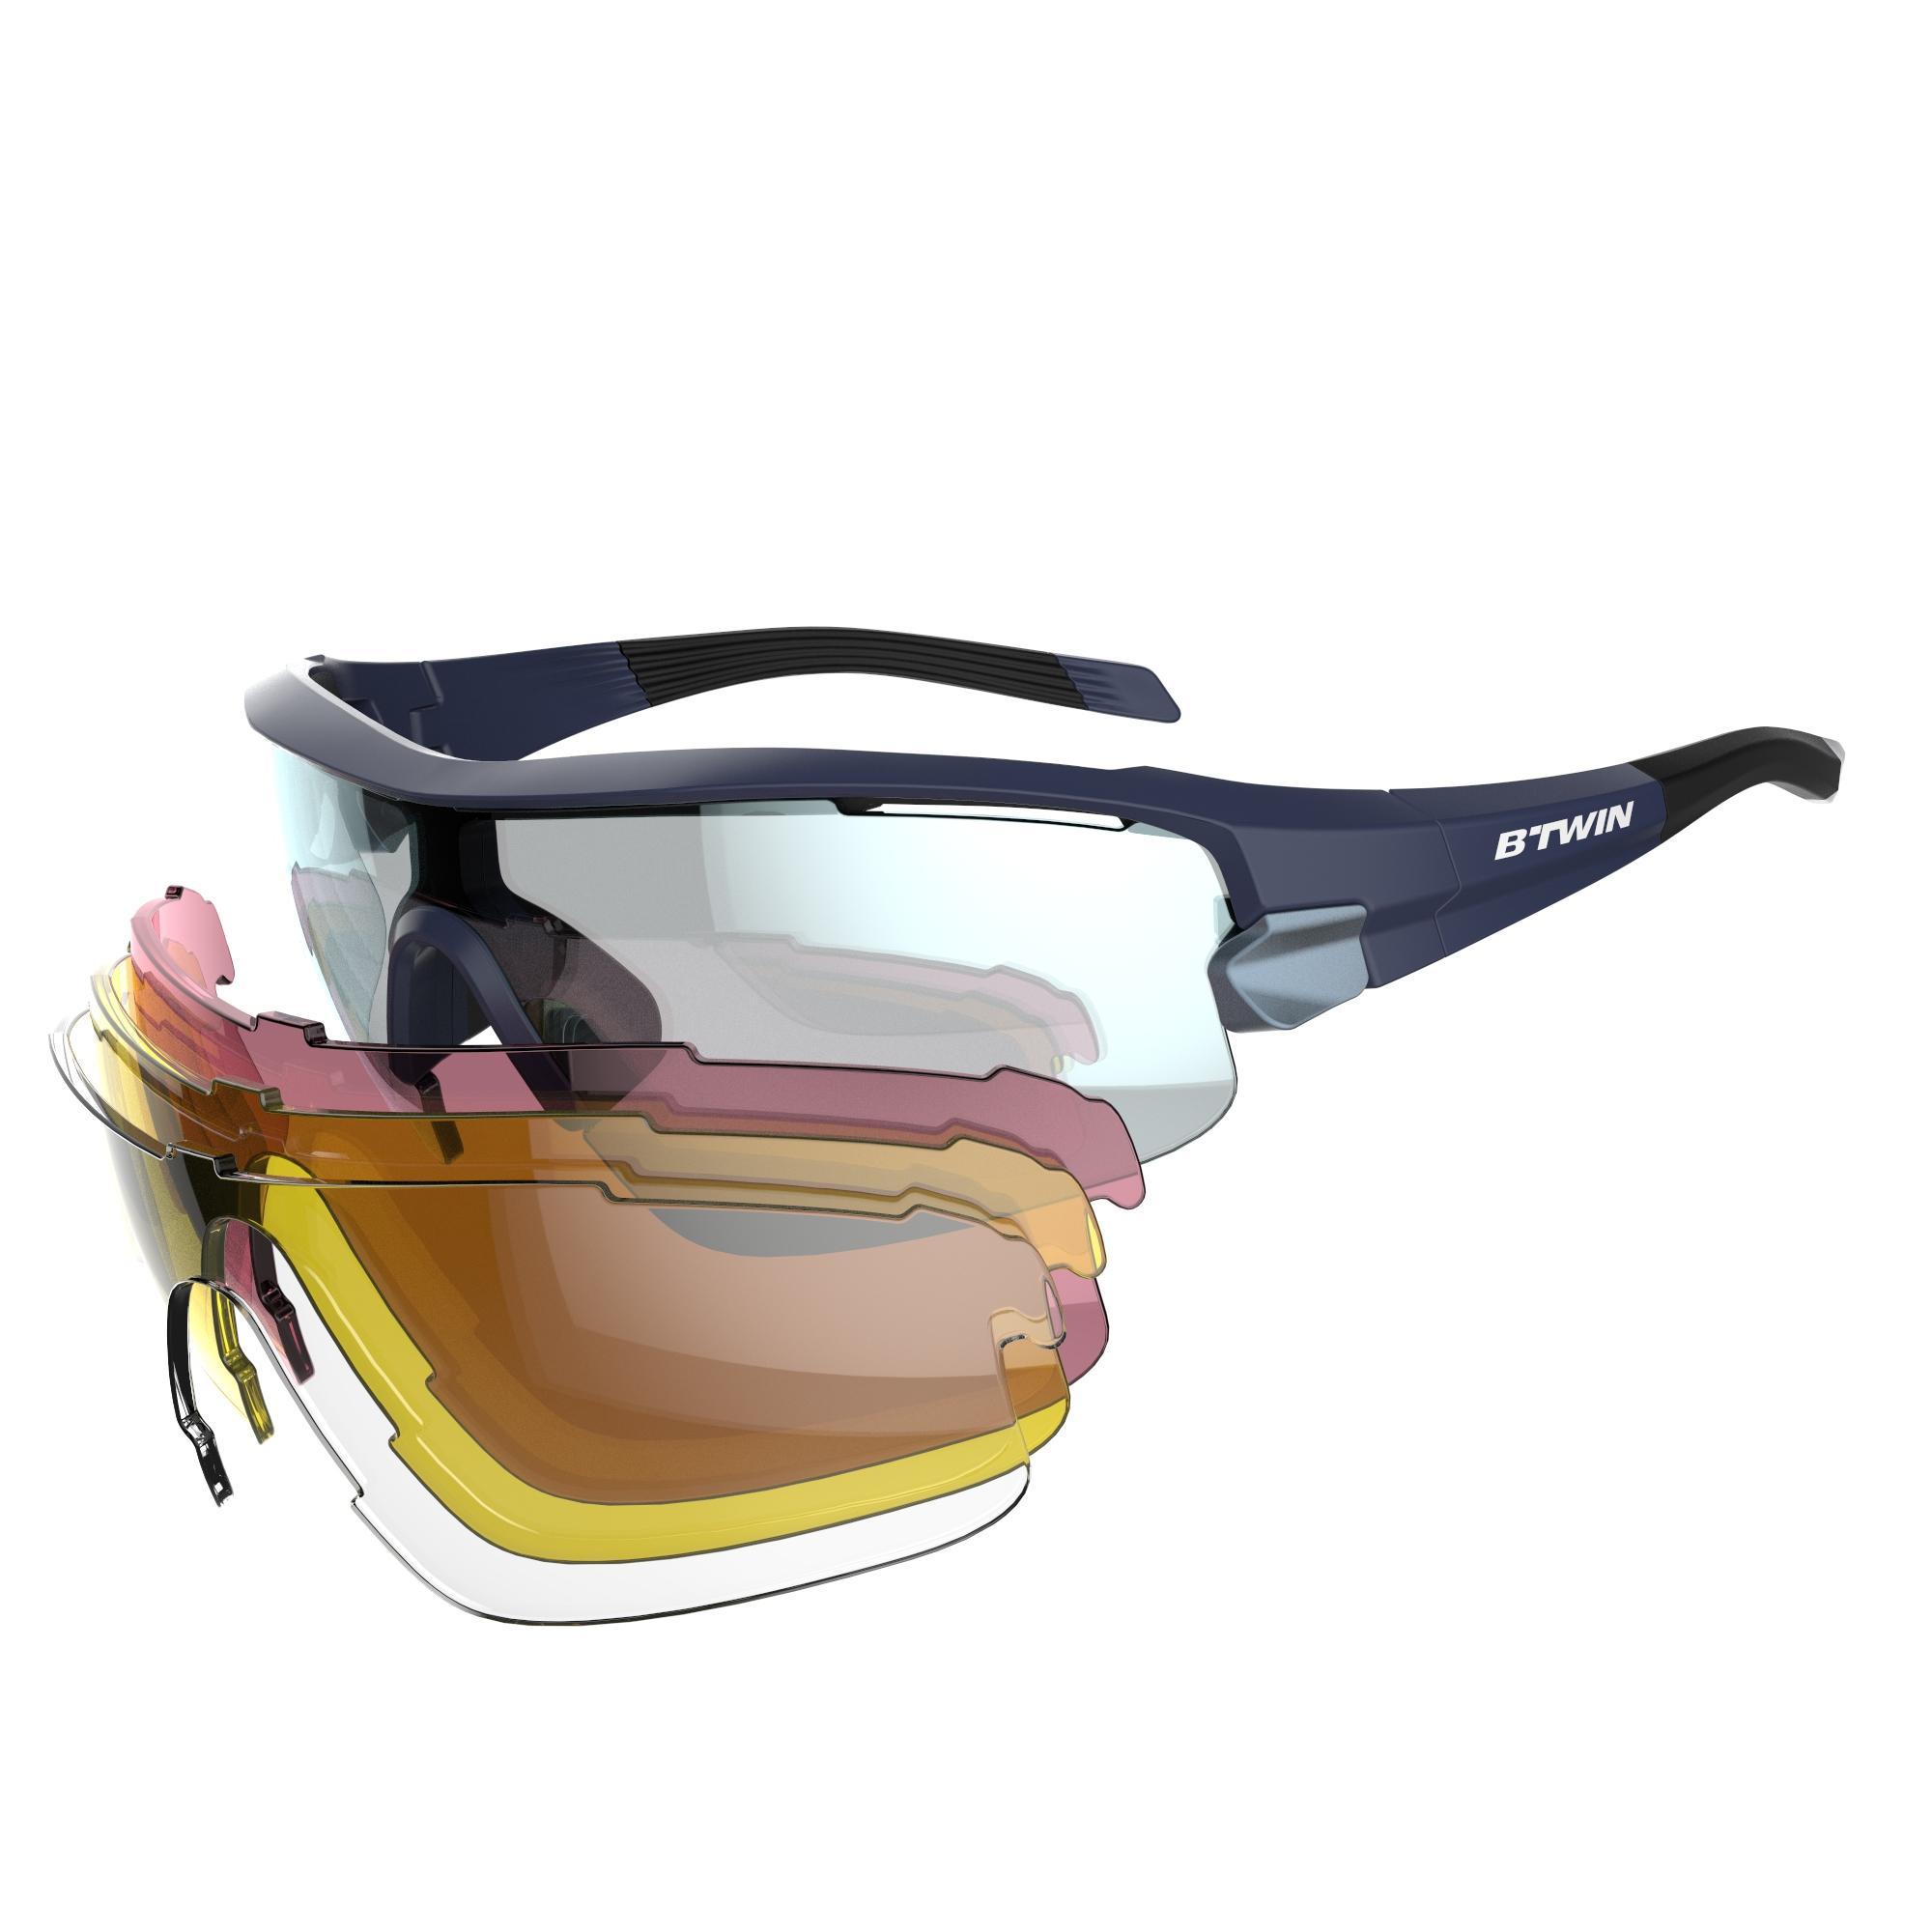 B'twin Fietsbril volwassenen Roadr 900 Navy Pack zwart - 4 verwisselbare glazen